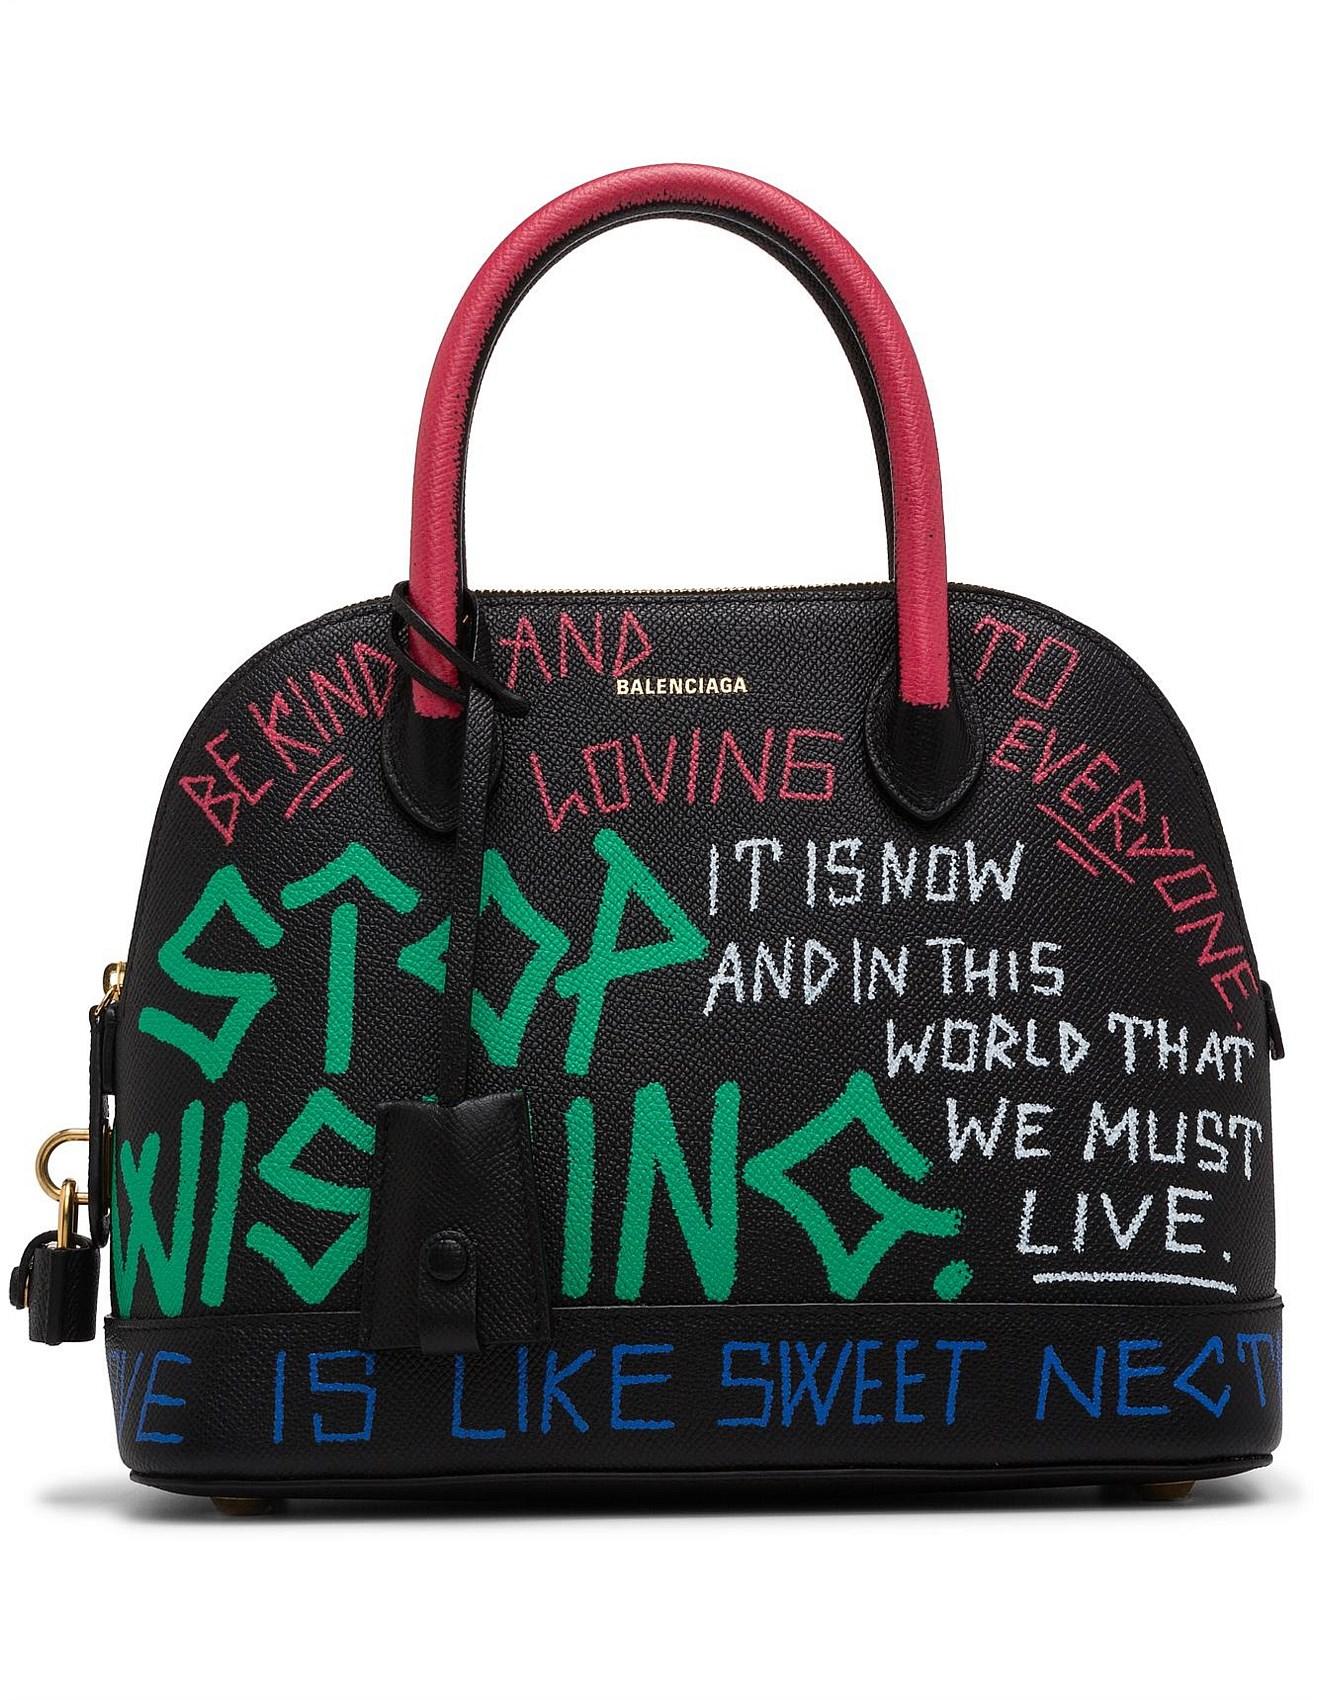 9677f17b7da9 Best Selling Women's Bags | Popular Designer Bags | David Jones ...